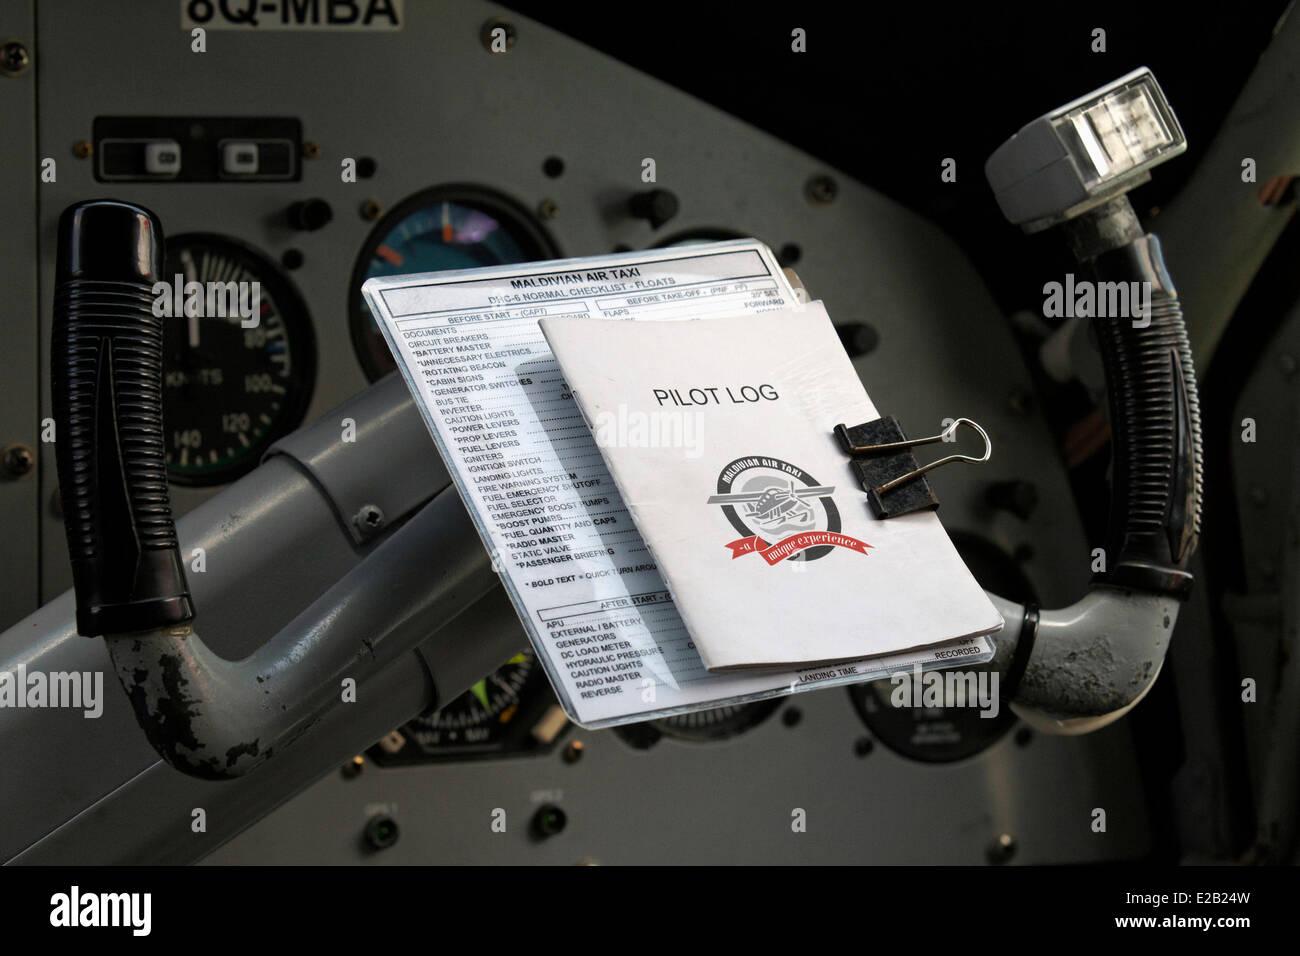 Maldivas, hidroavión de taxi aéreo de Maldivas company, detalles de cabina Imagen De Stock